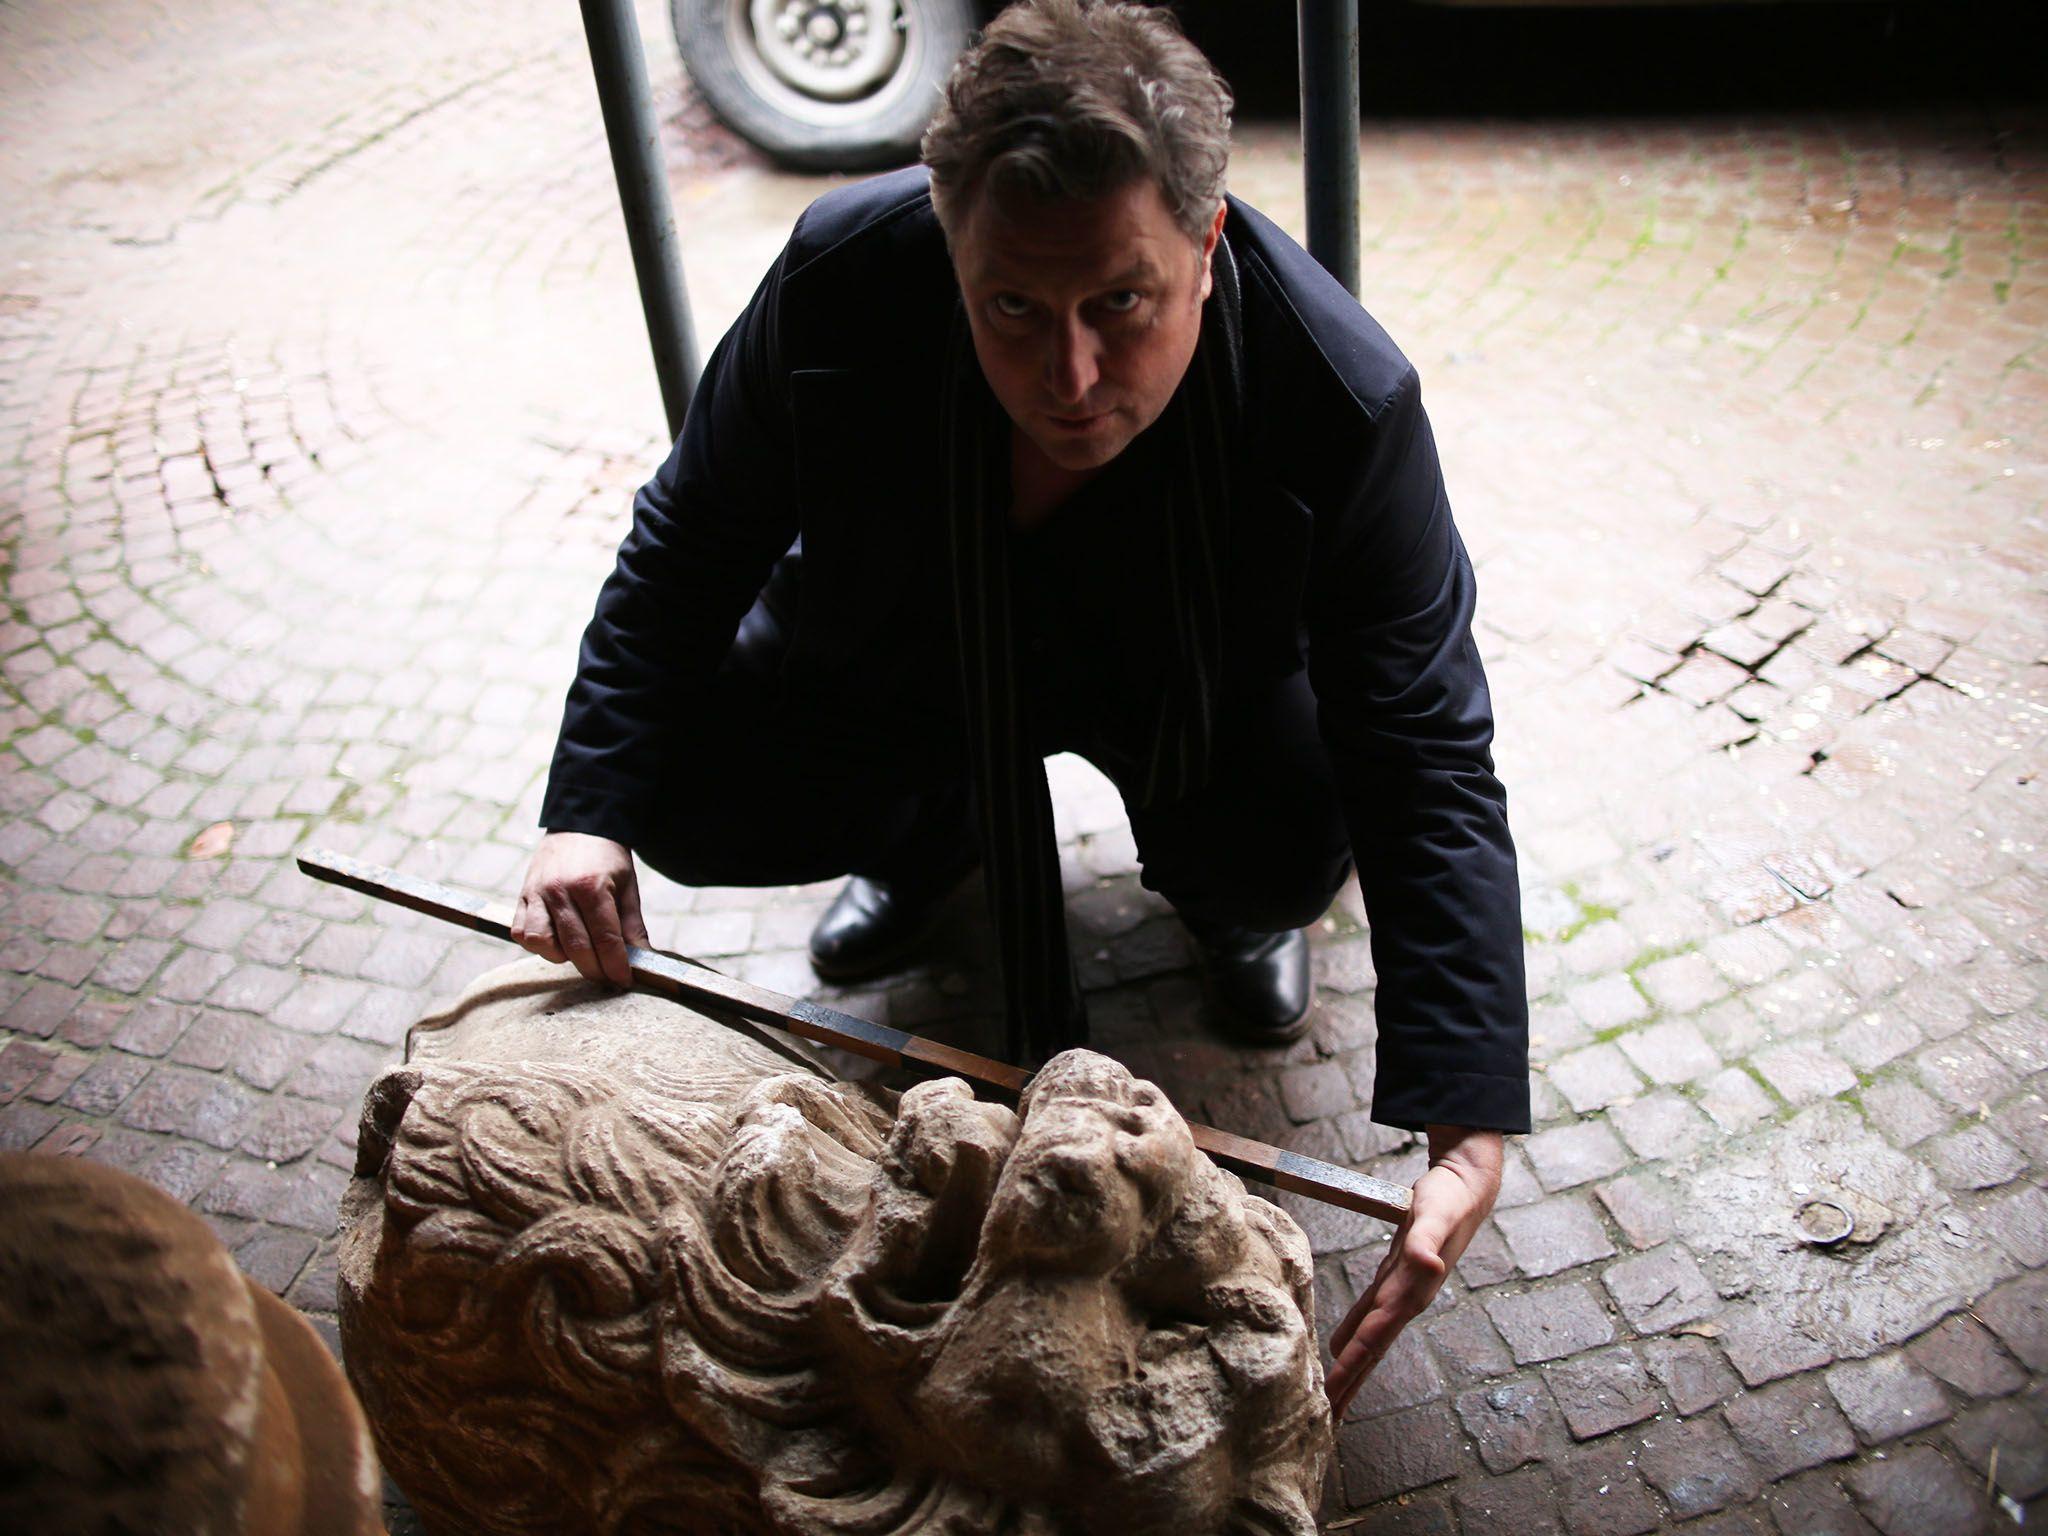 Shumen, Bulgaria: il corrispondente di National Geographic Inigo Gilmore misura un'antica pietra... [Foto del giorno - giugno 2016]